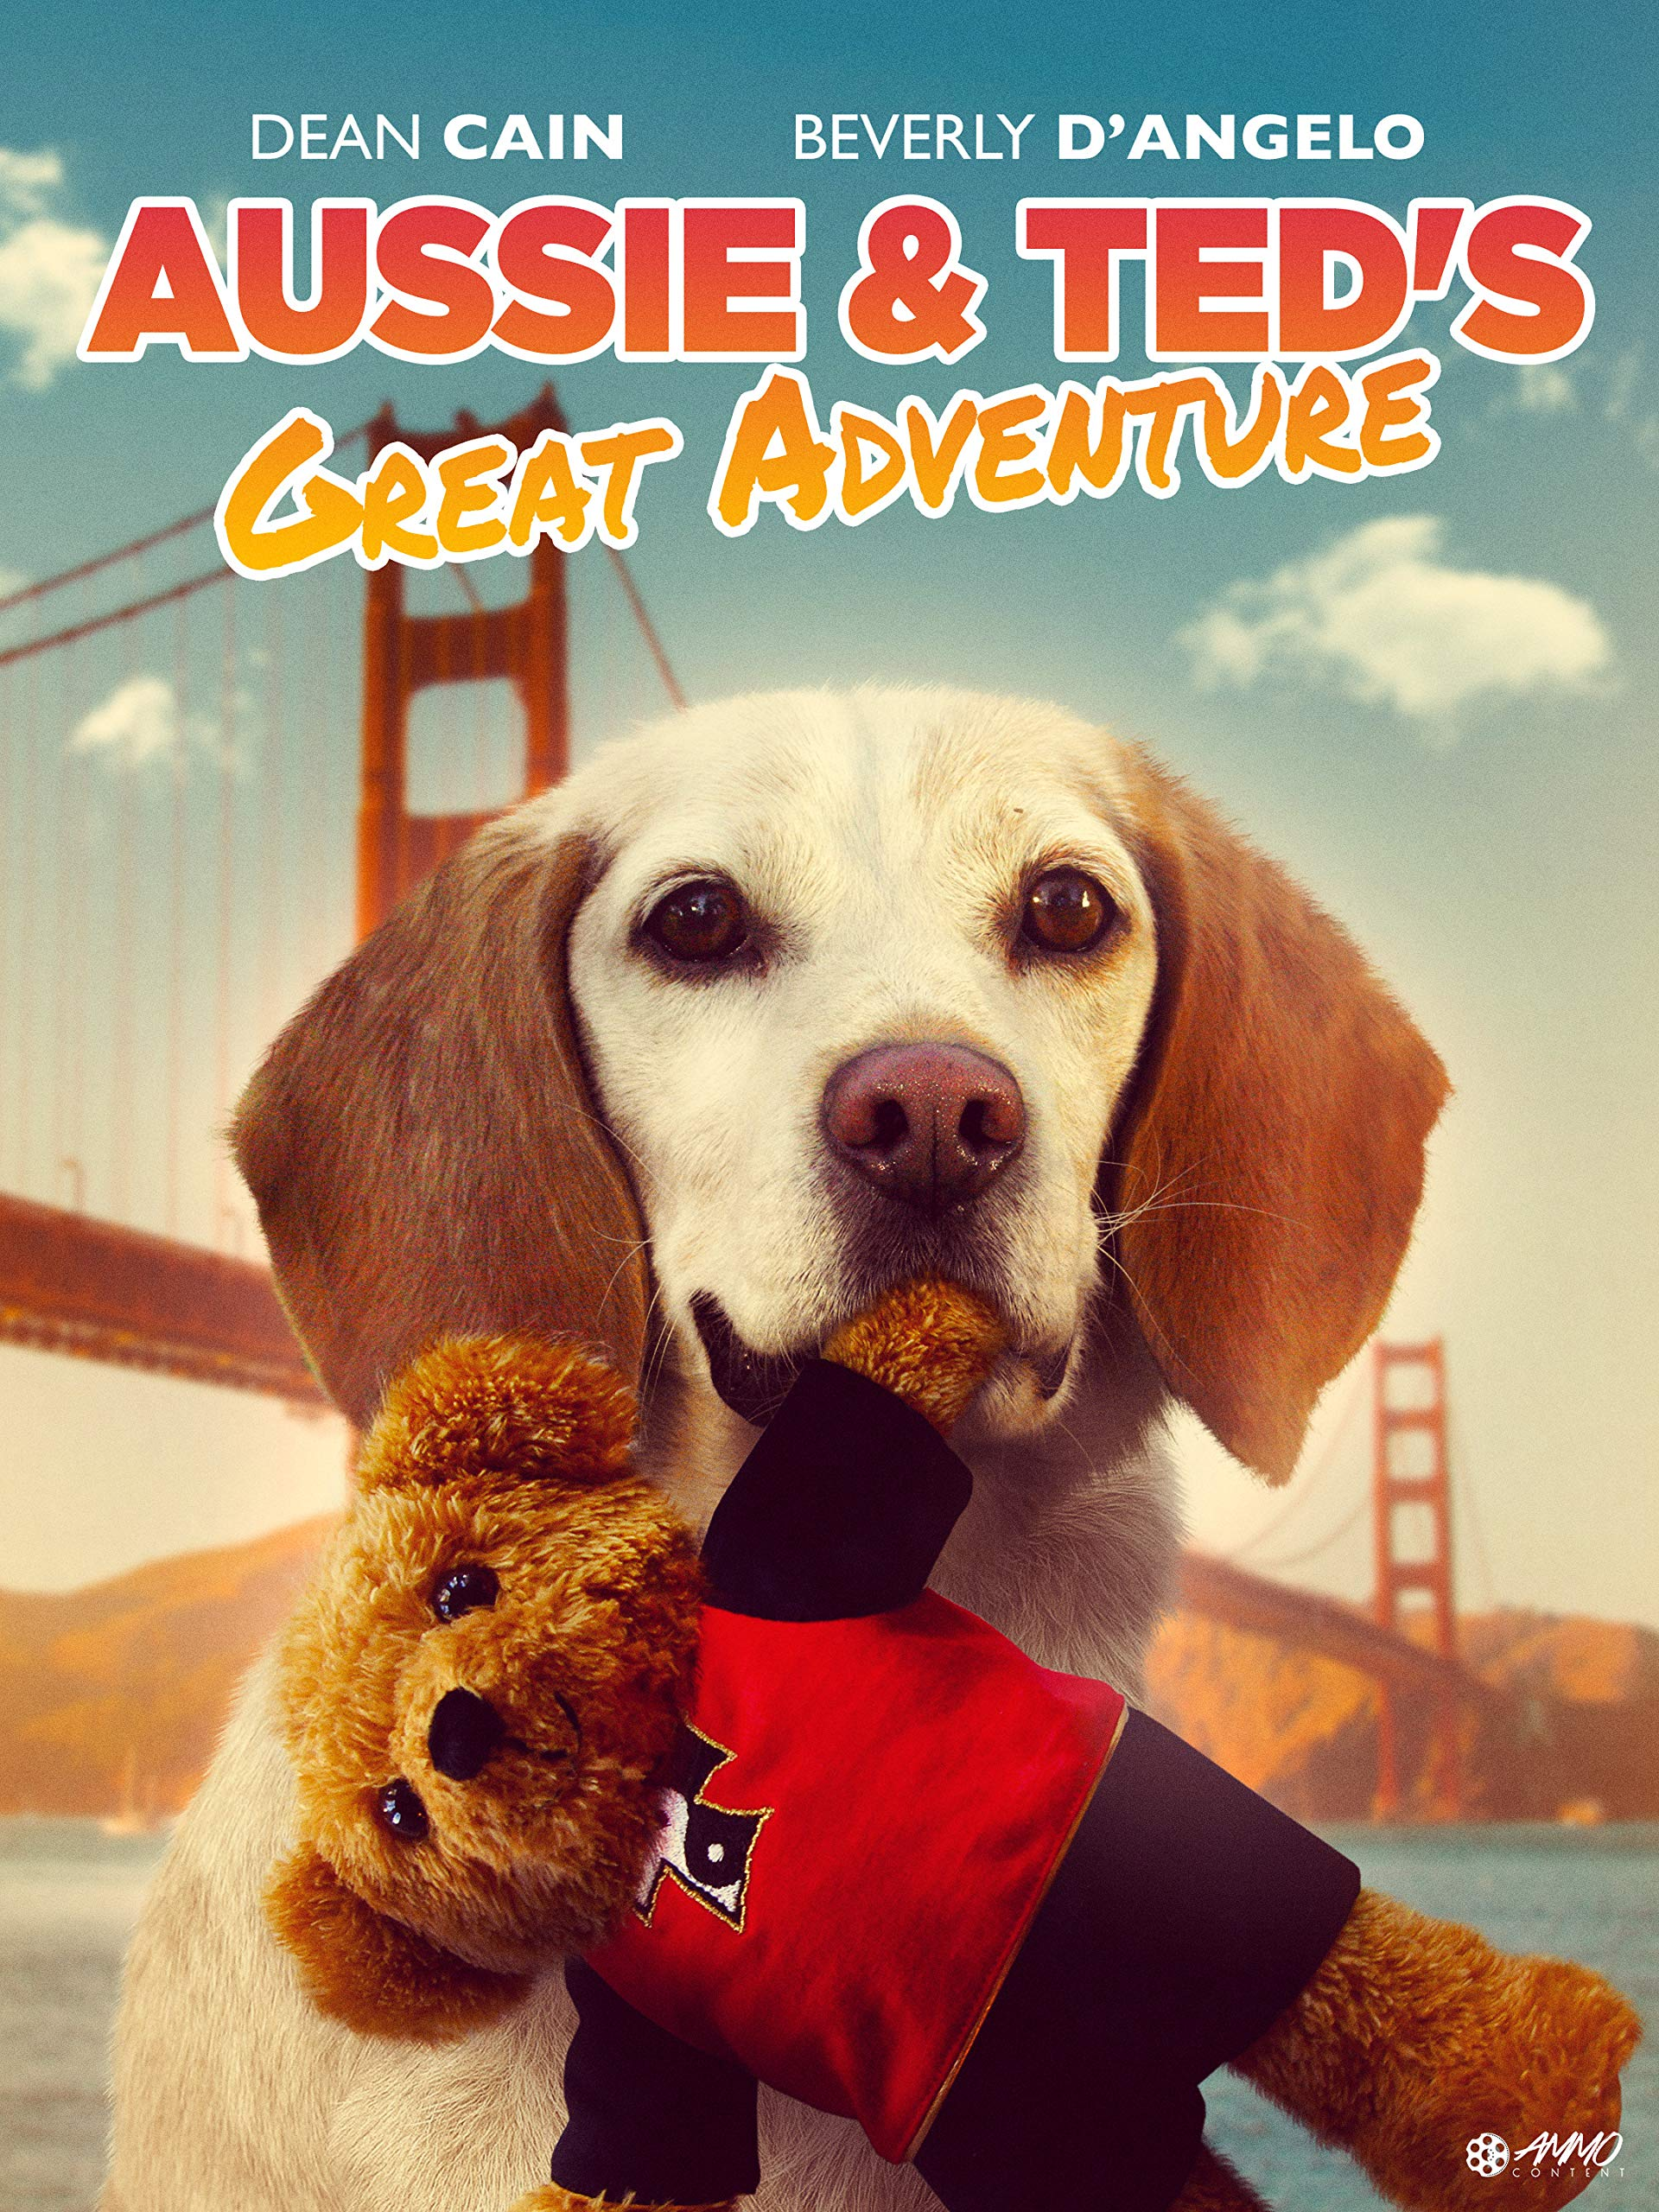 Aussie & Ted